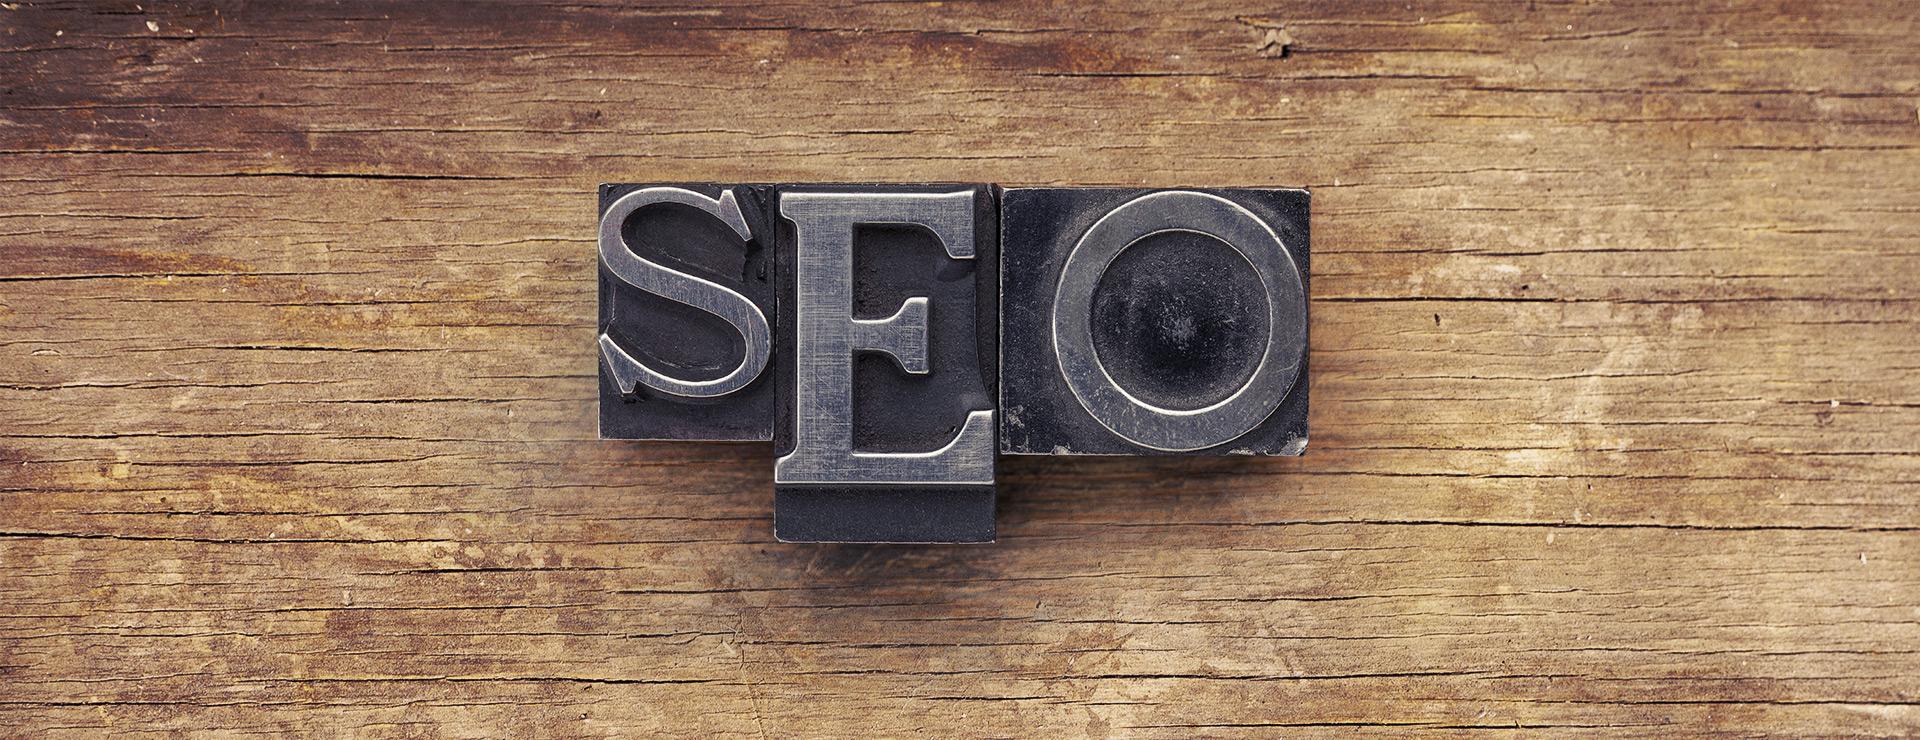 Optimiser le SEO de votre site Web comme un expert